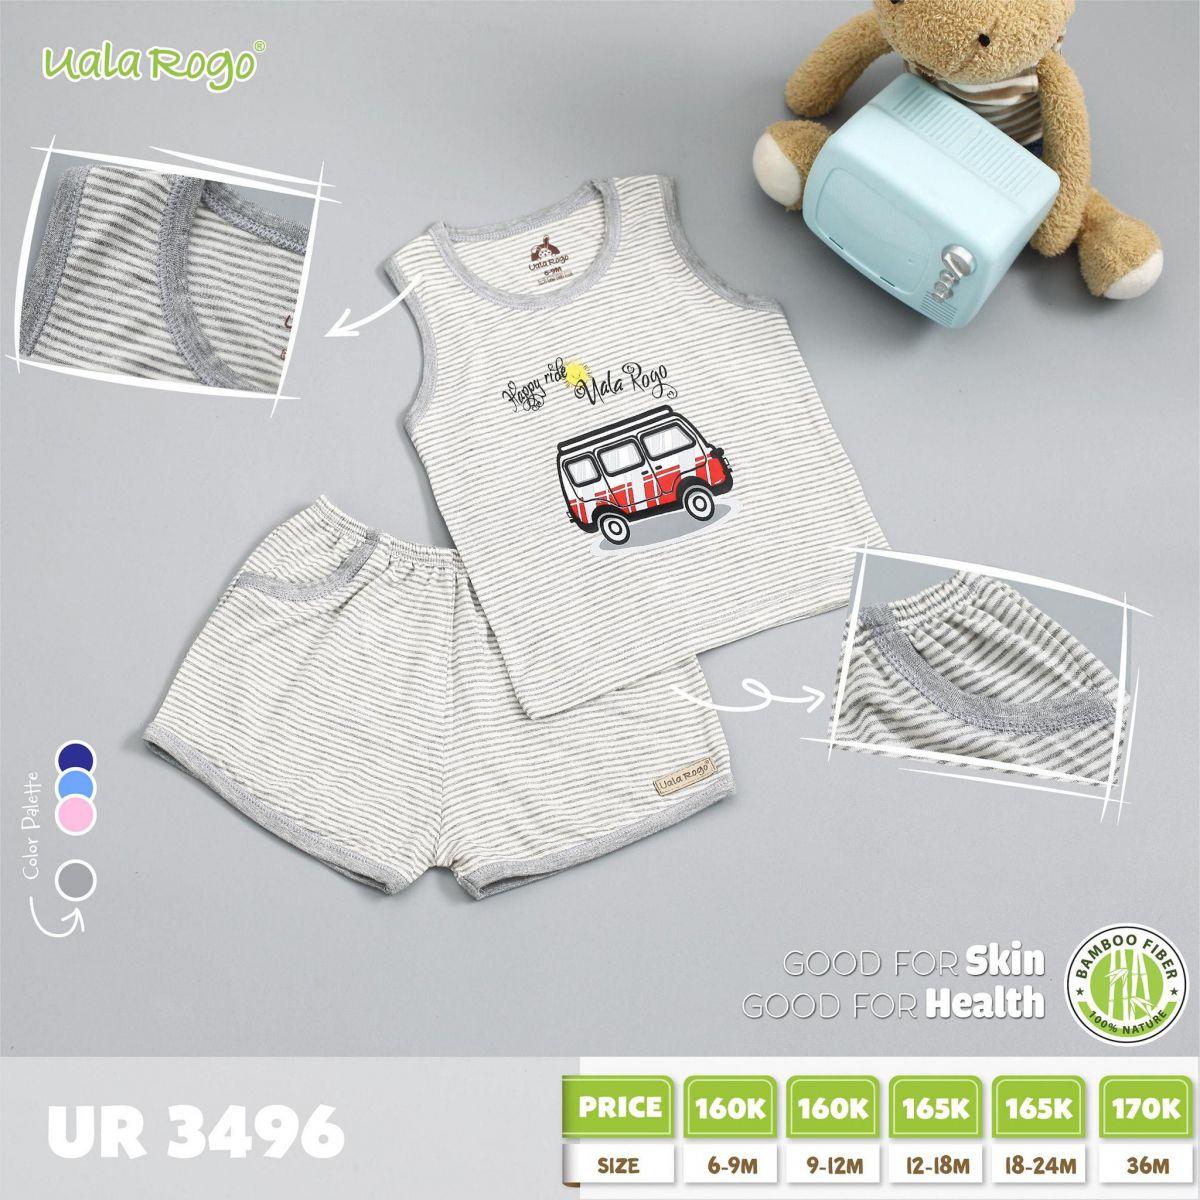 UR3496.3 - Bộ cộc tay cho bé - Màu xám